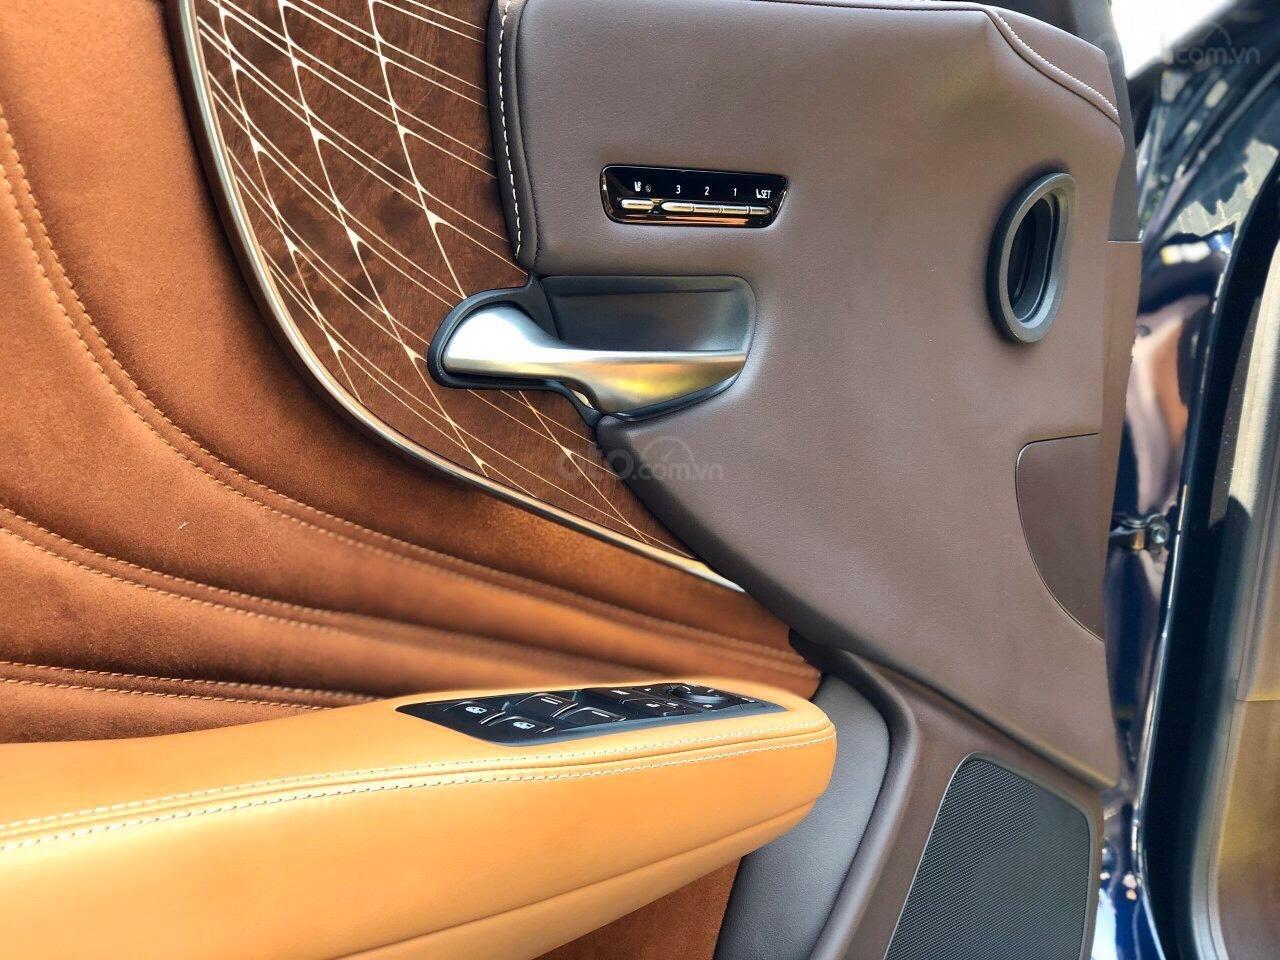 Bán xe Lexus LS 500H 2017, màu xanh lam, giá tốt giao ngay toàn quốc, LH Ngọc Vy 093.996.2368 (14)